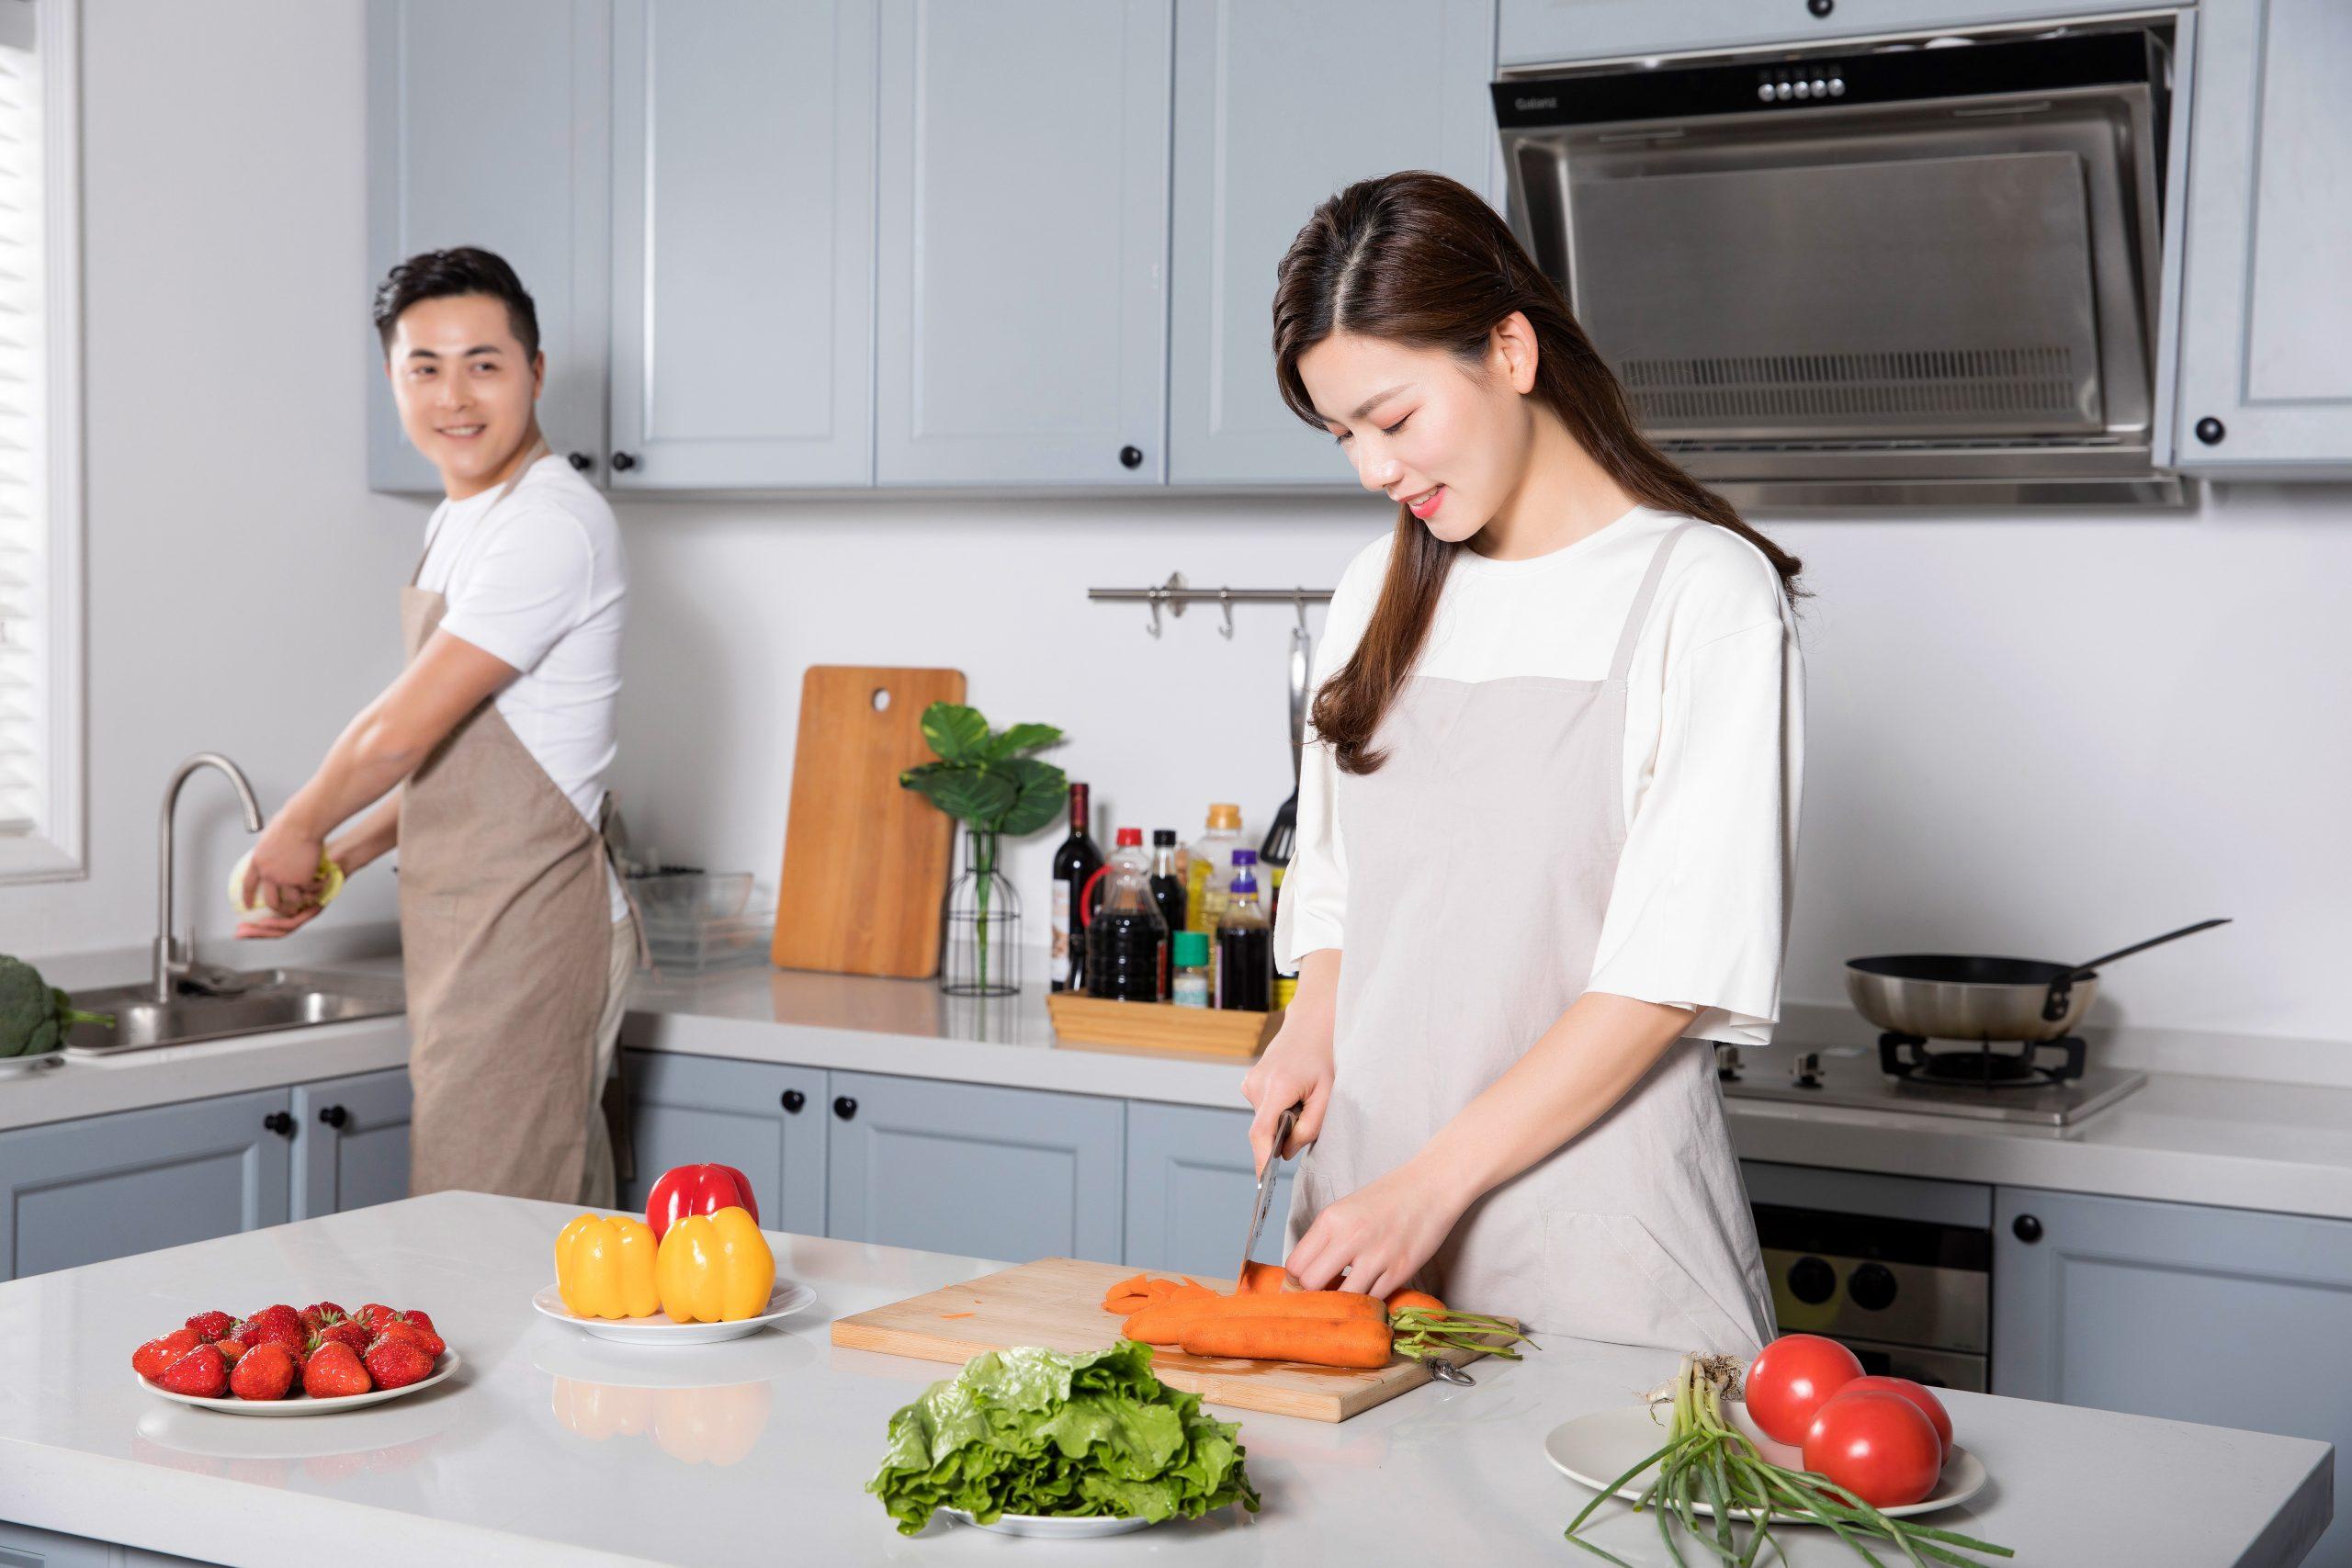 Phân chia công việc nhà giữa vợ và chồng hợp lý